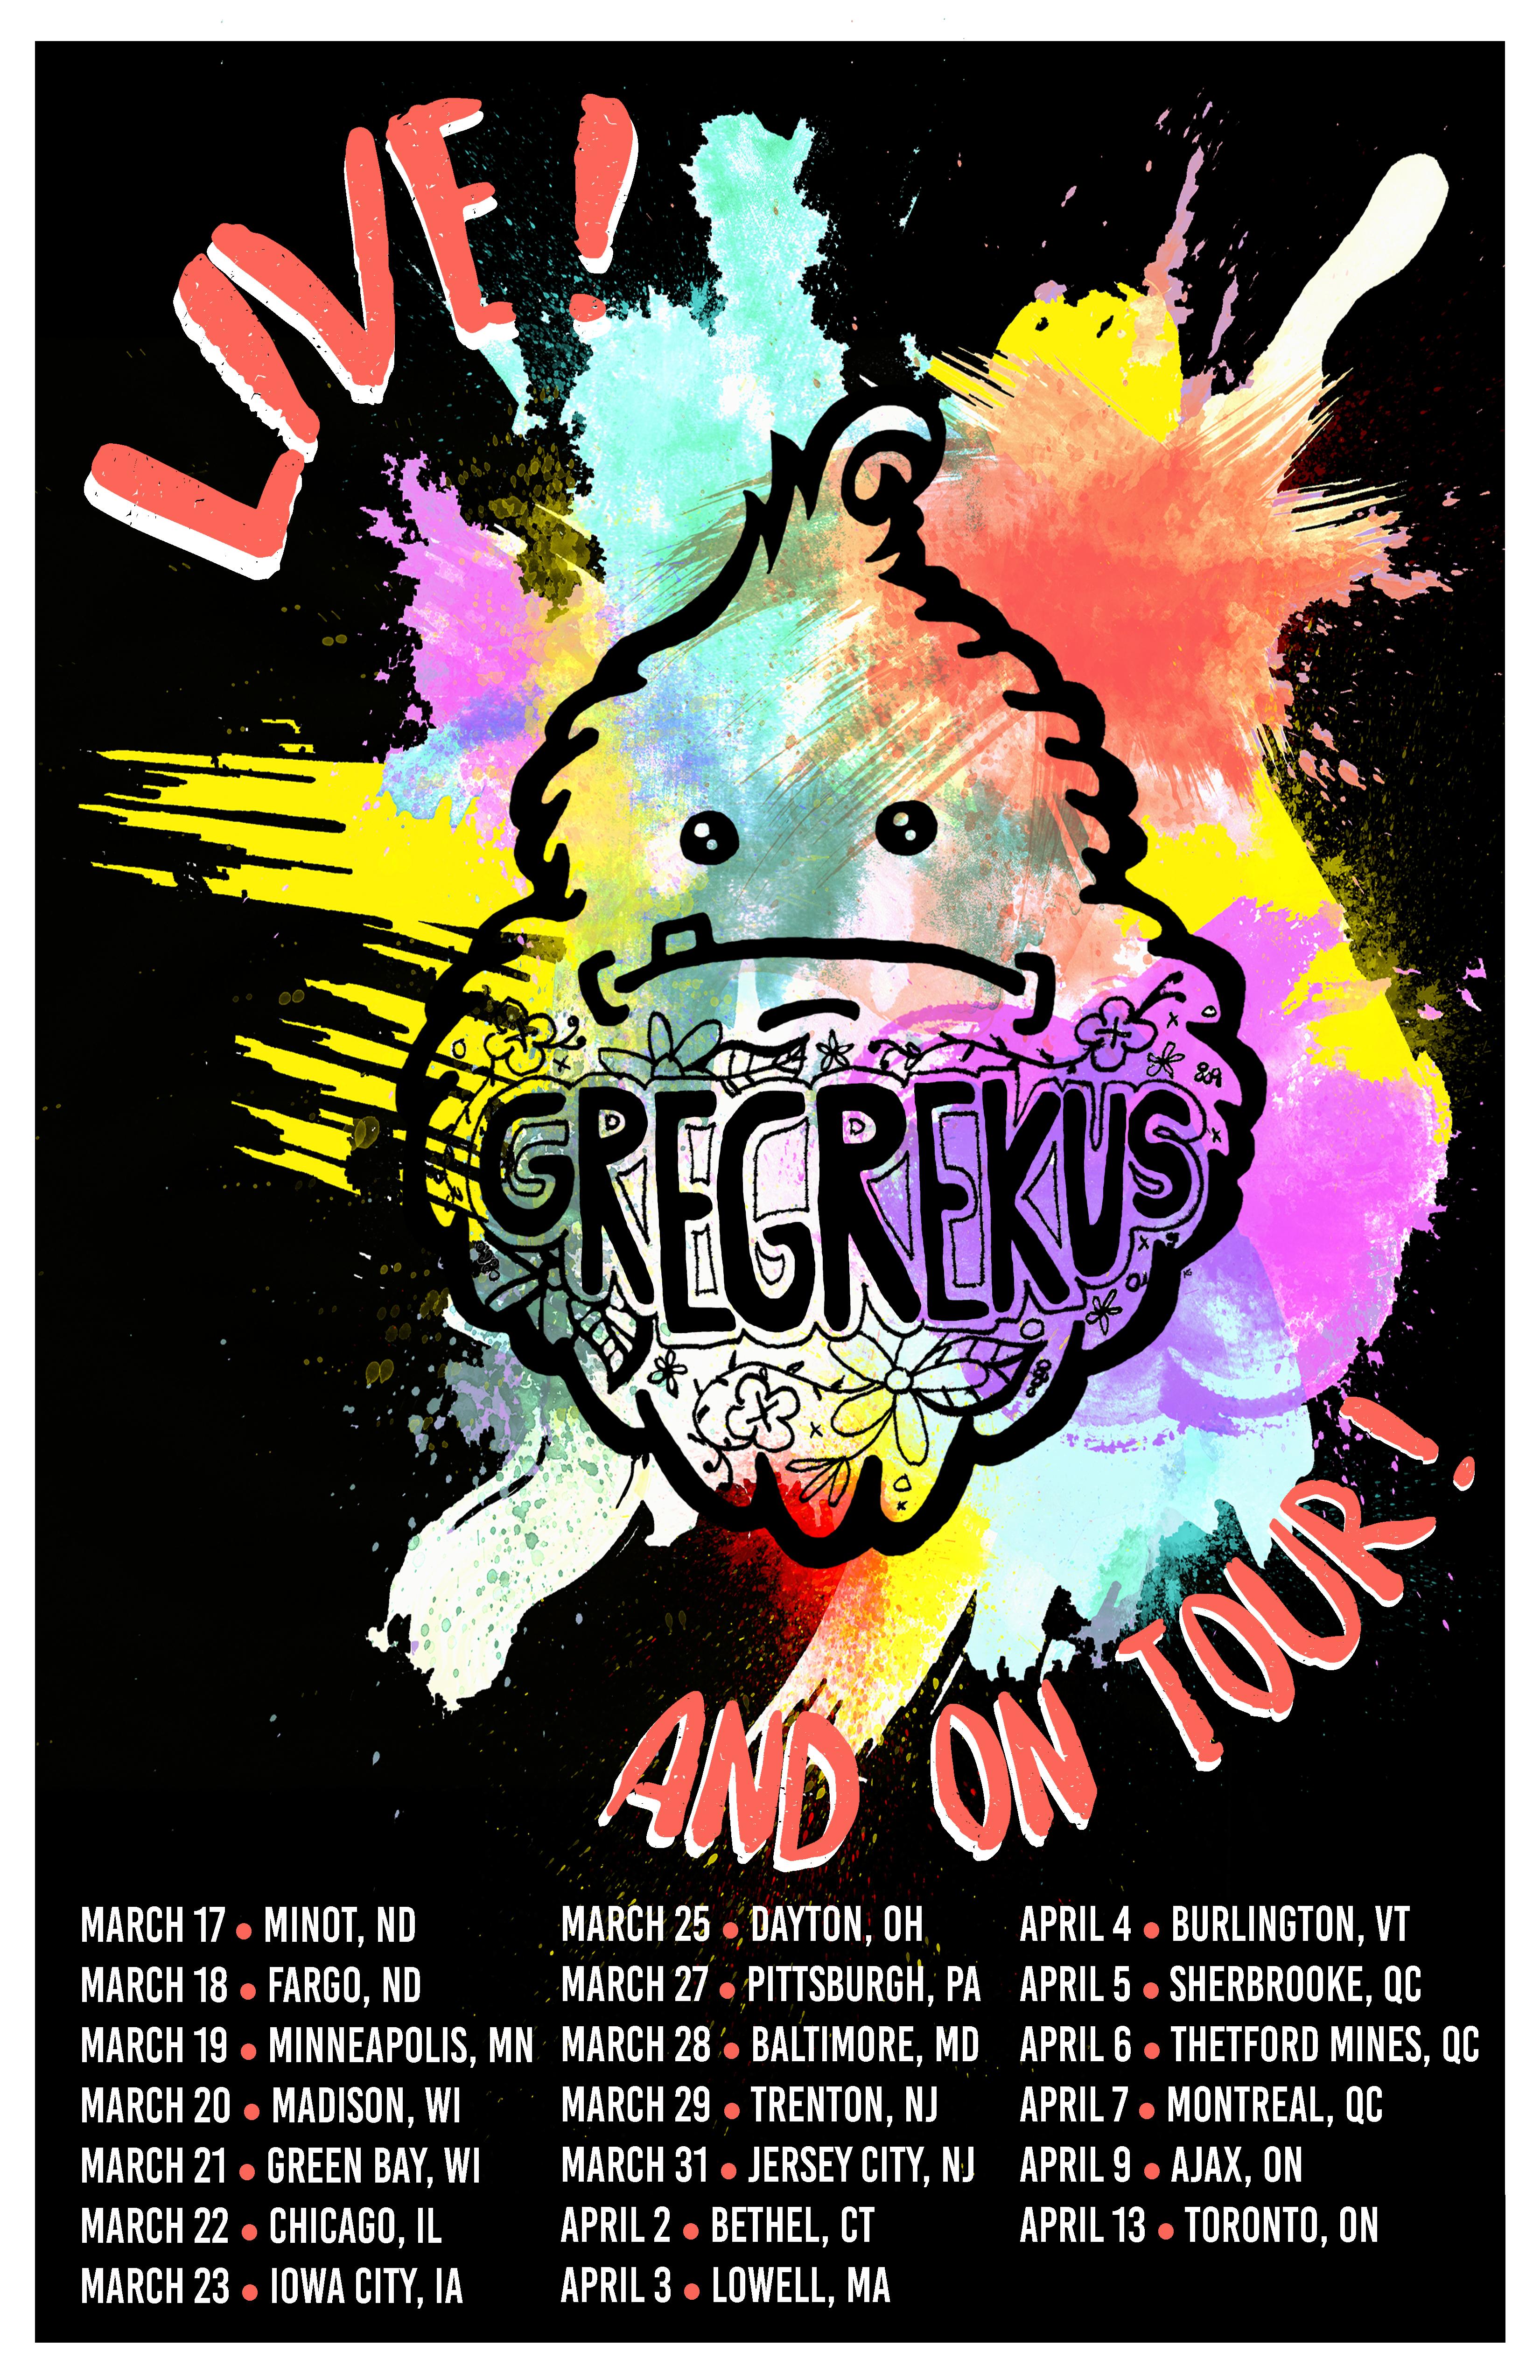 Greg Rekus - Bigfoot Poster 2019